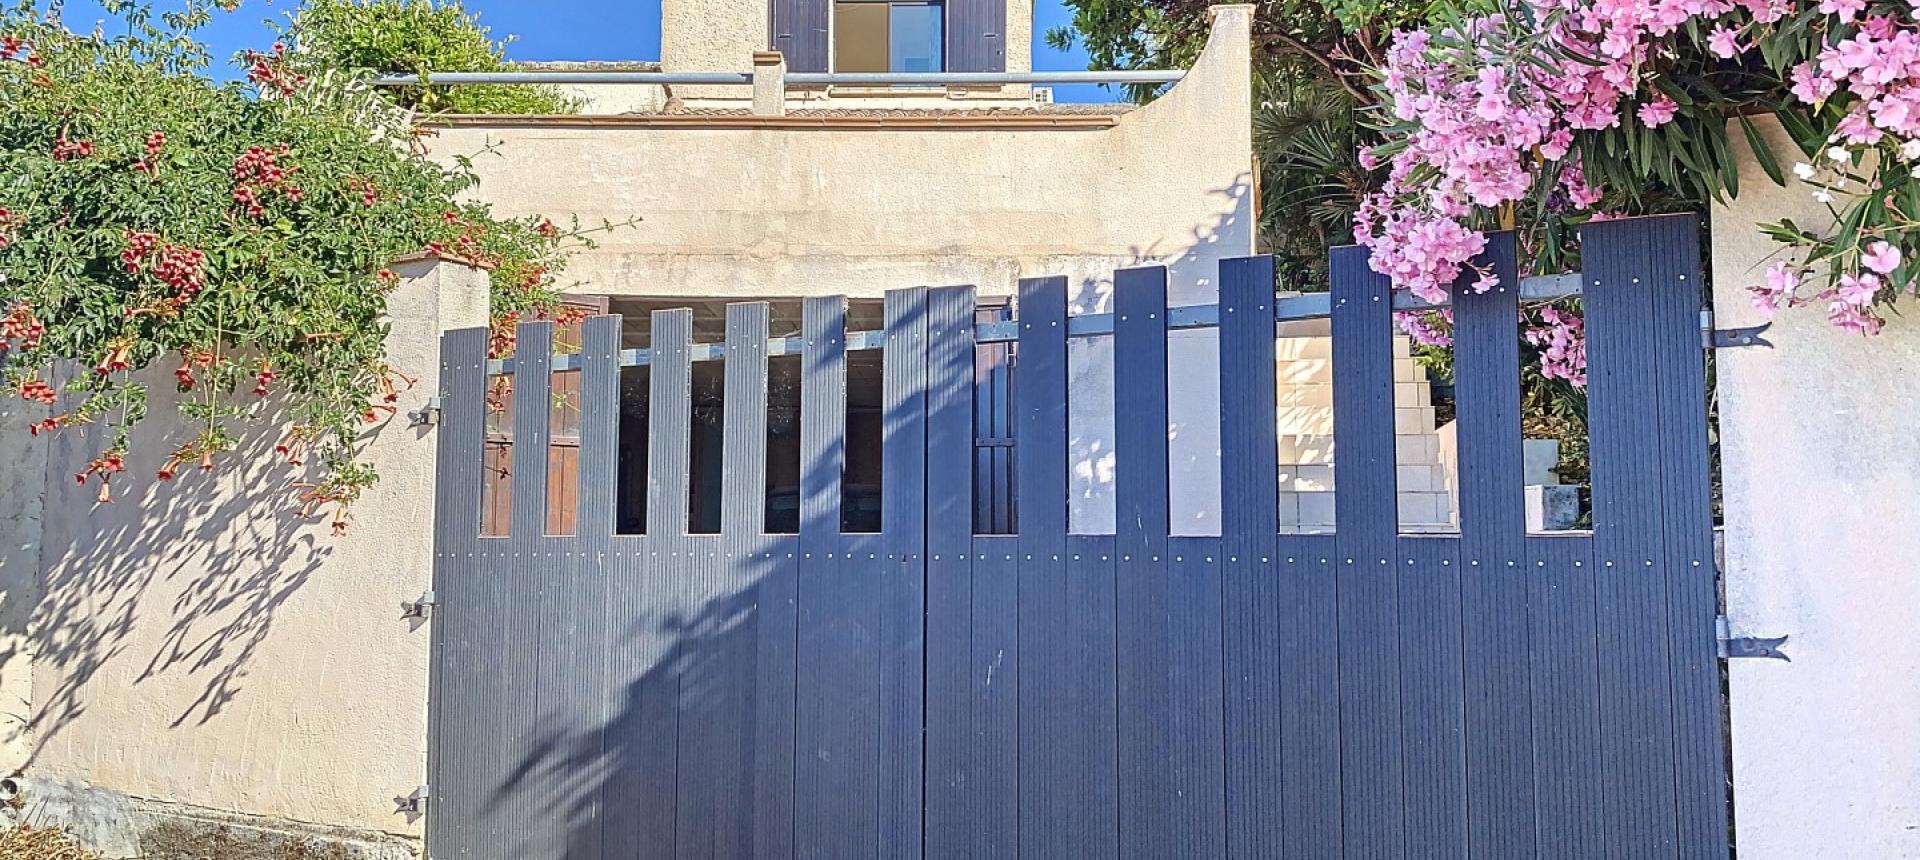 Maison à vendre à Porticcio - Rive sud Ajaccio - Portail